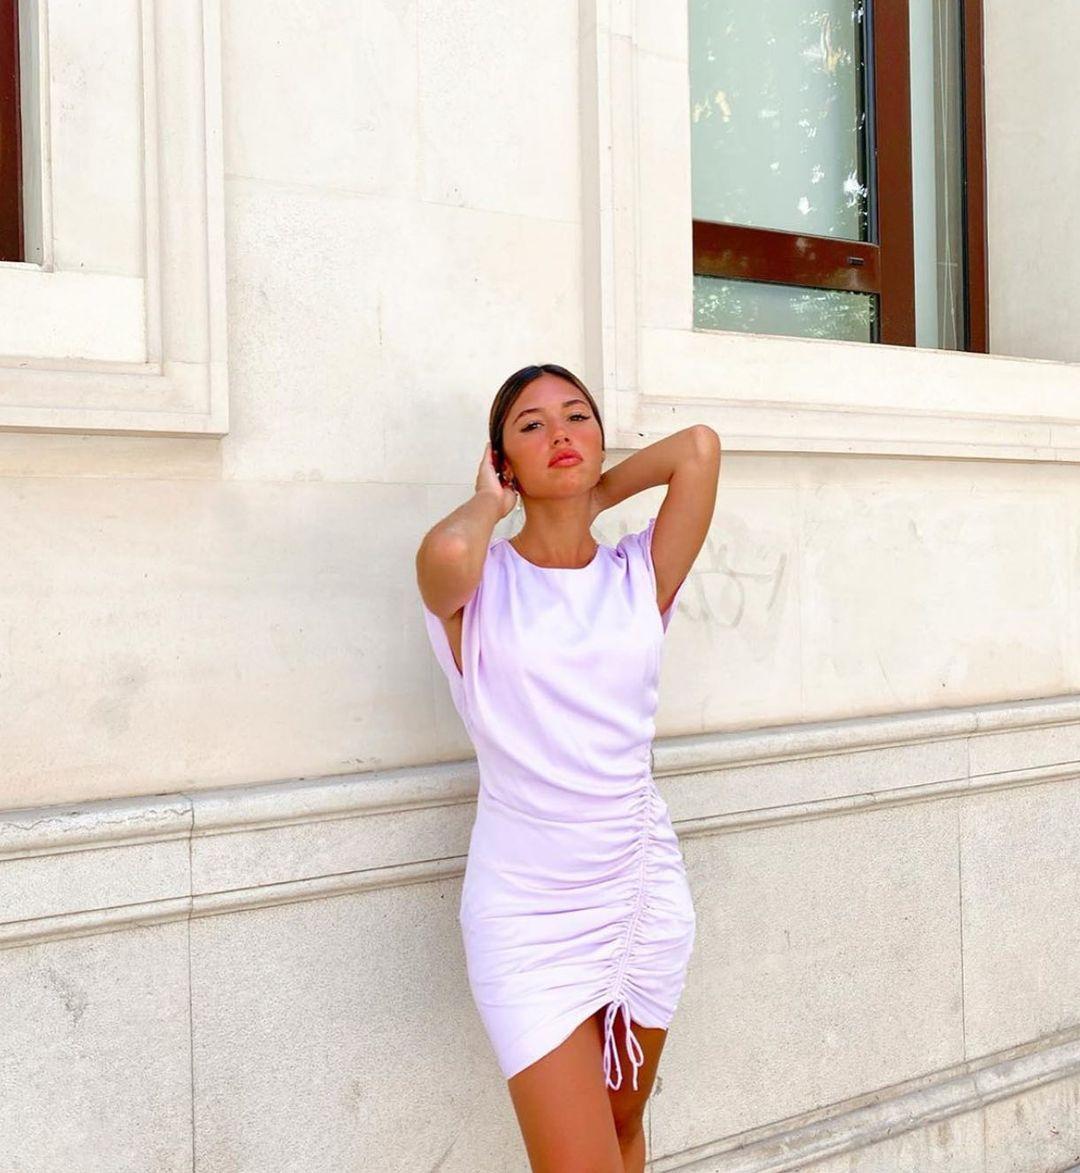 satiny dress with ruching de Zara sur zara.style.daily